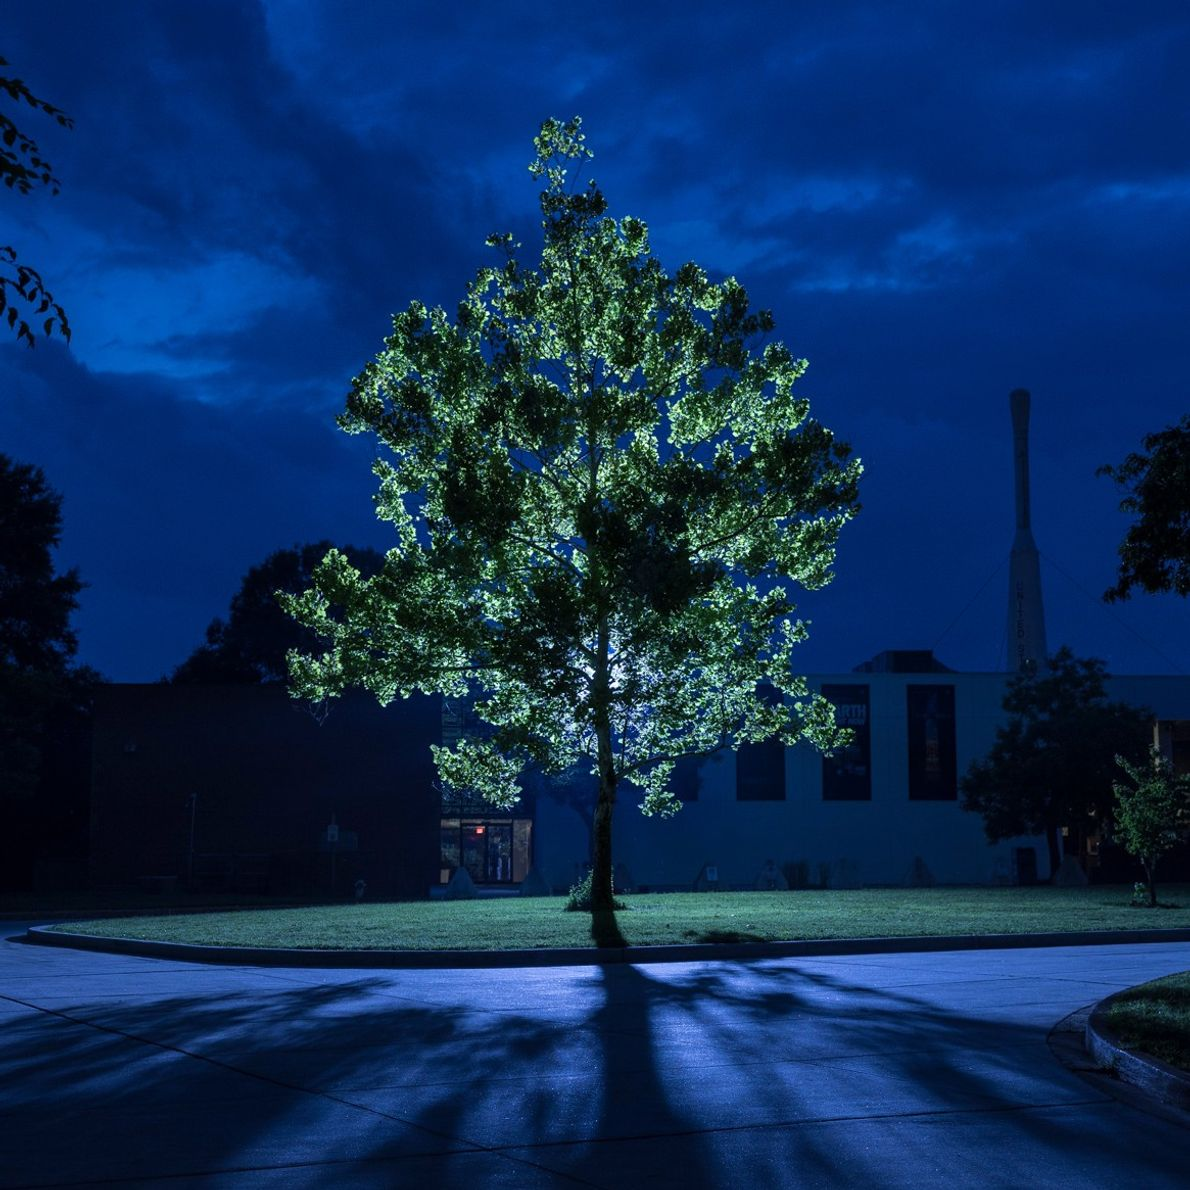 Des arbres qui ont voyagé dans l'espace s'épanouissent maintenant sur Terre